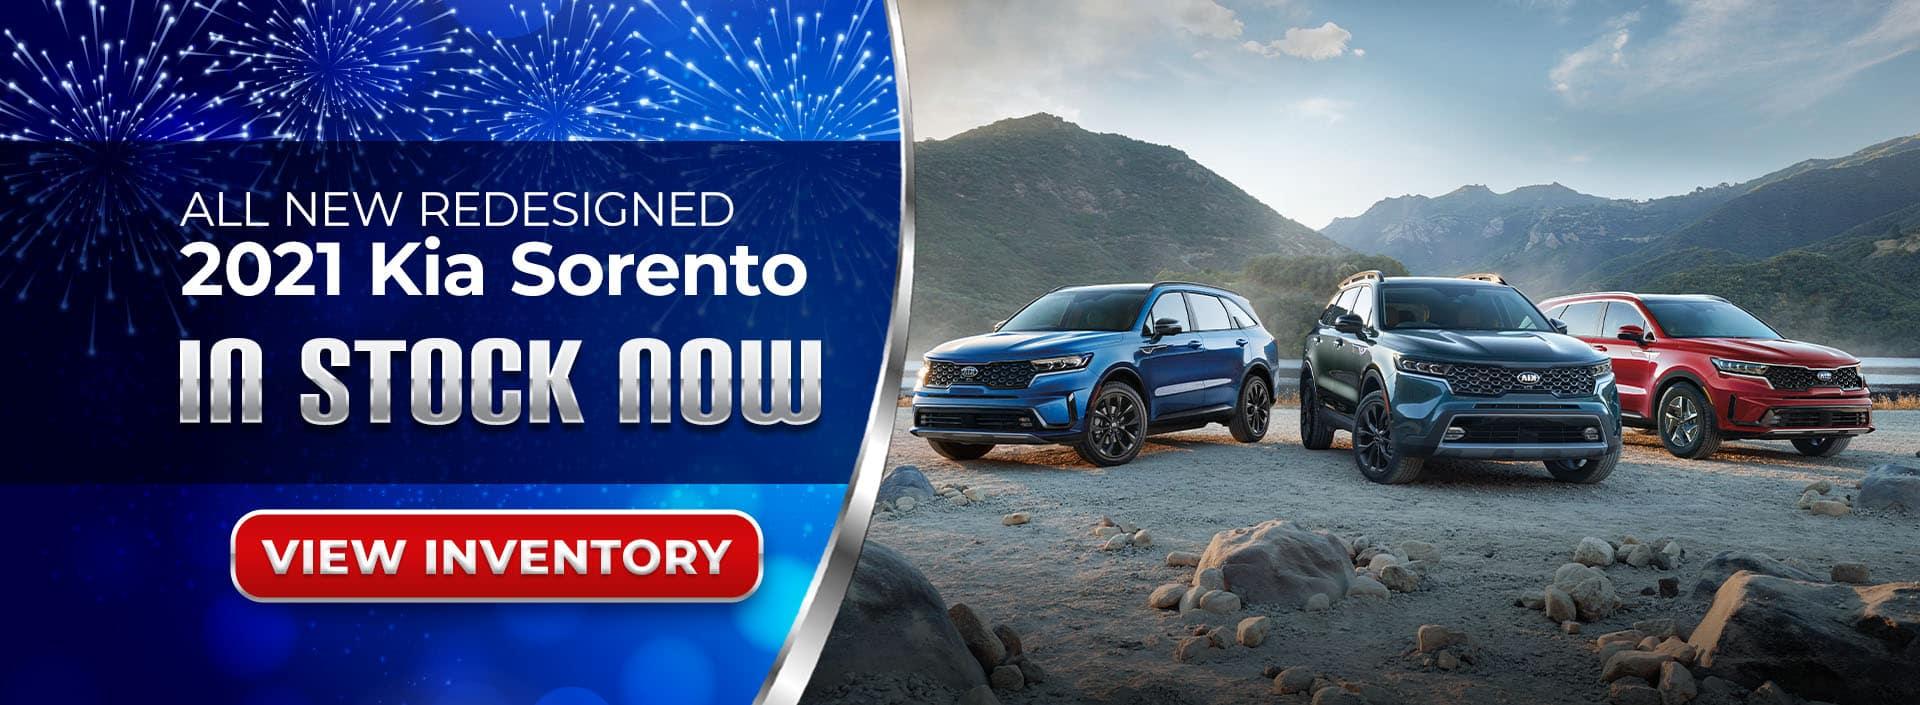 2021 Kia Sorento is now available in Atlanta, GA